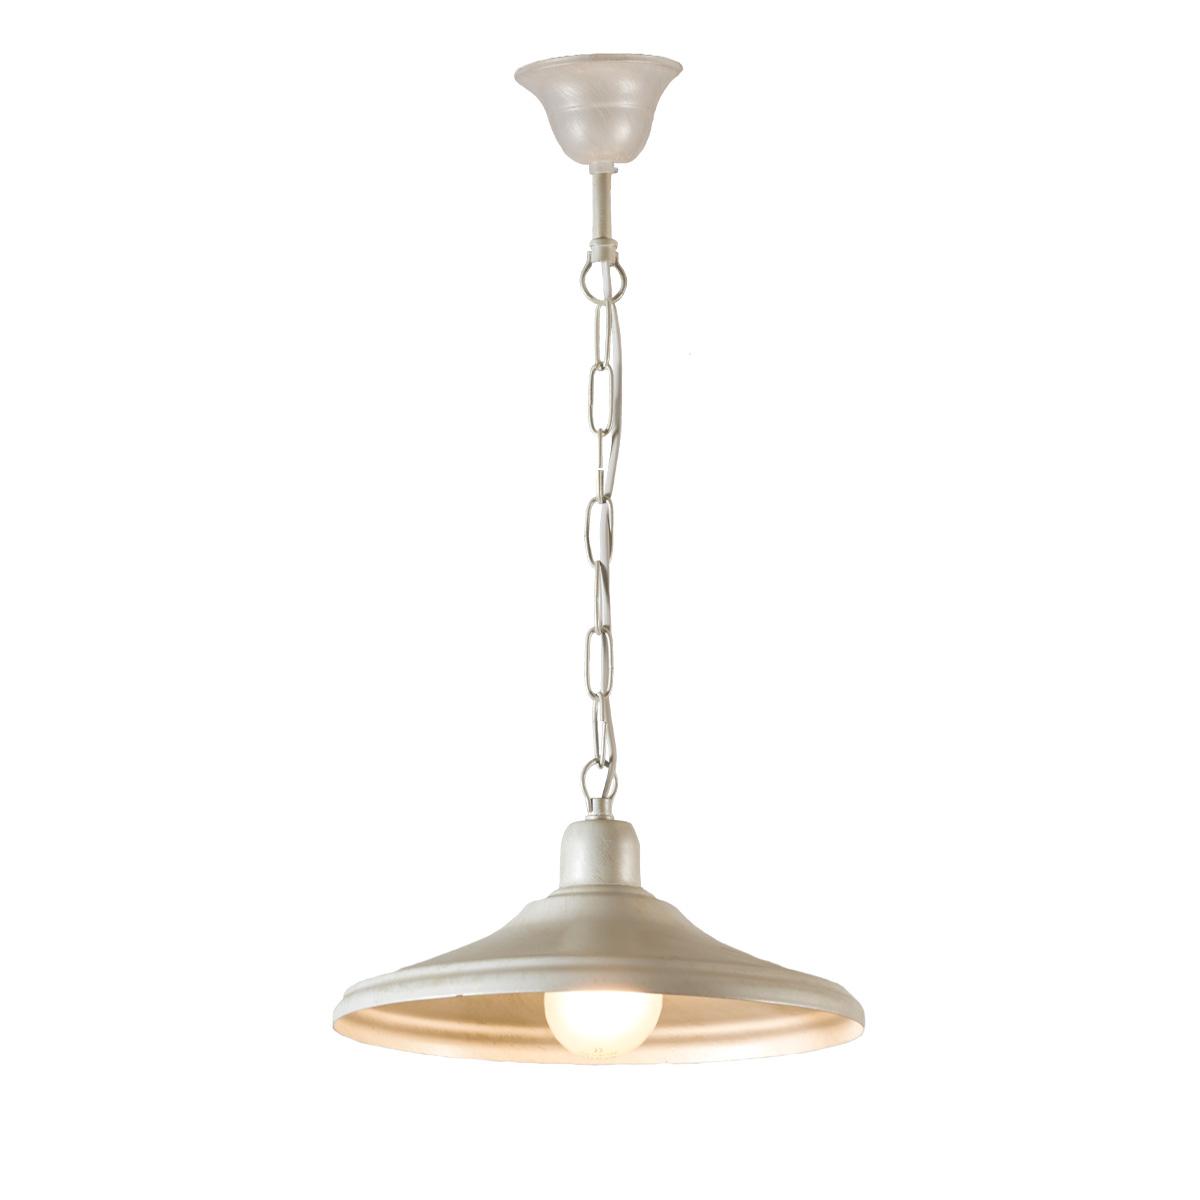 Ρουστίκ κρεμαστό φωτιστικό σε λευκή πατίνα ΙΟΣ white patinated rustic suspension lamp